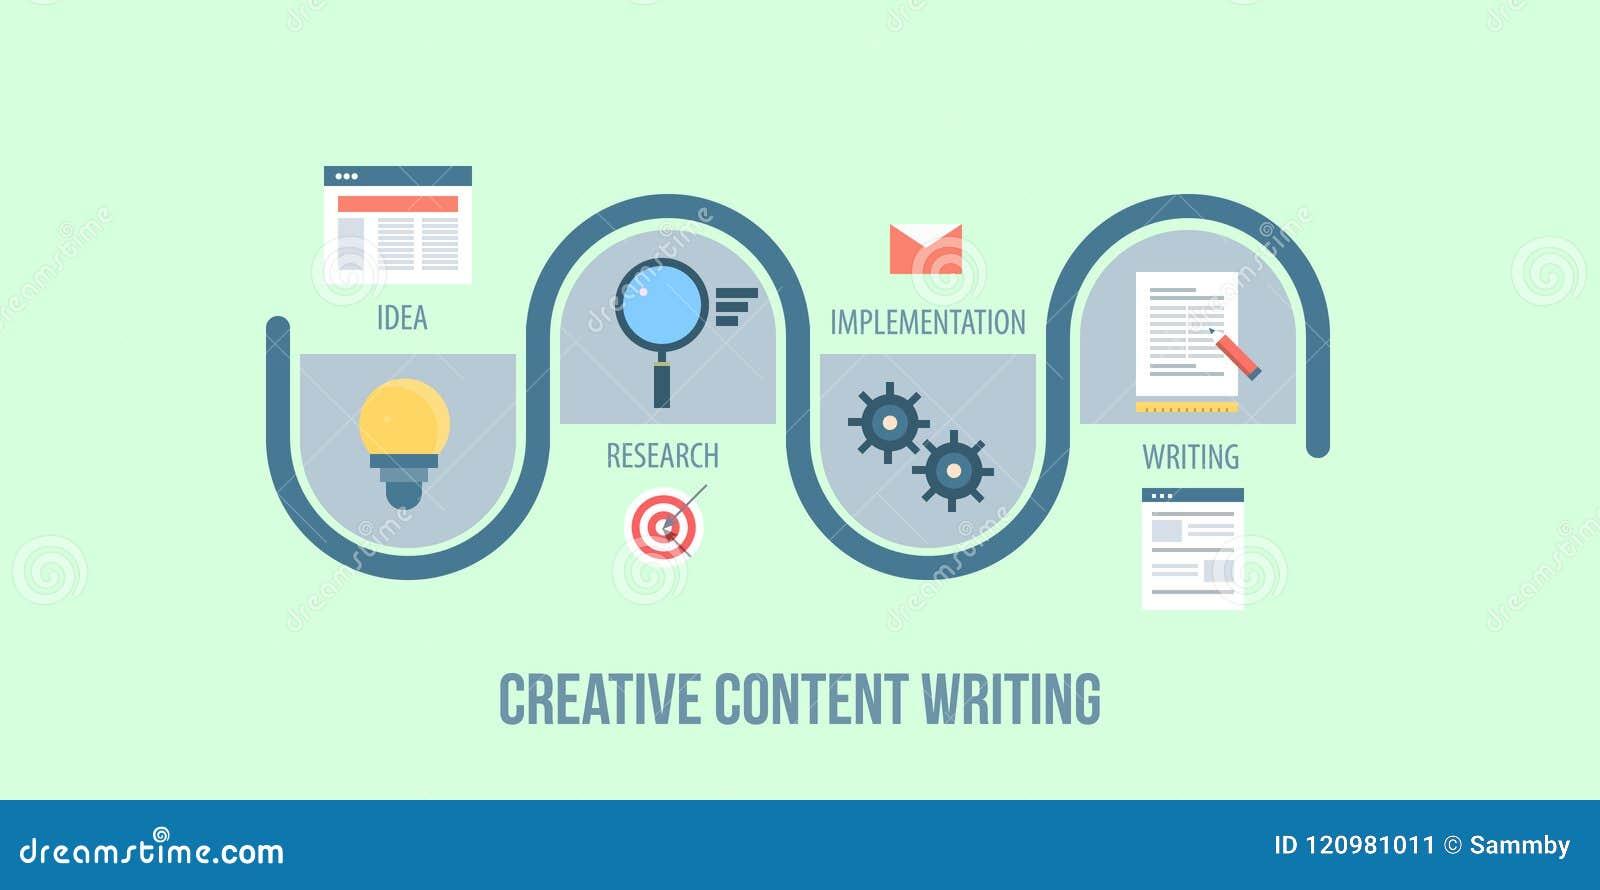 Um mapa da viagem de escrever um índice criativo, processo de desenvolvimento satisfeito, estratégia, conceito planeando Bandeira